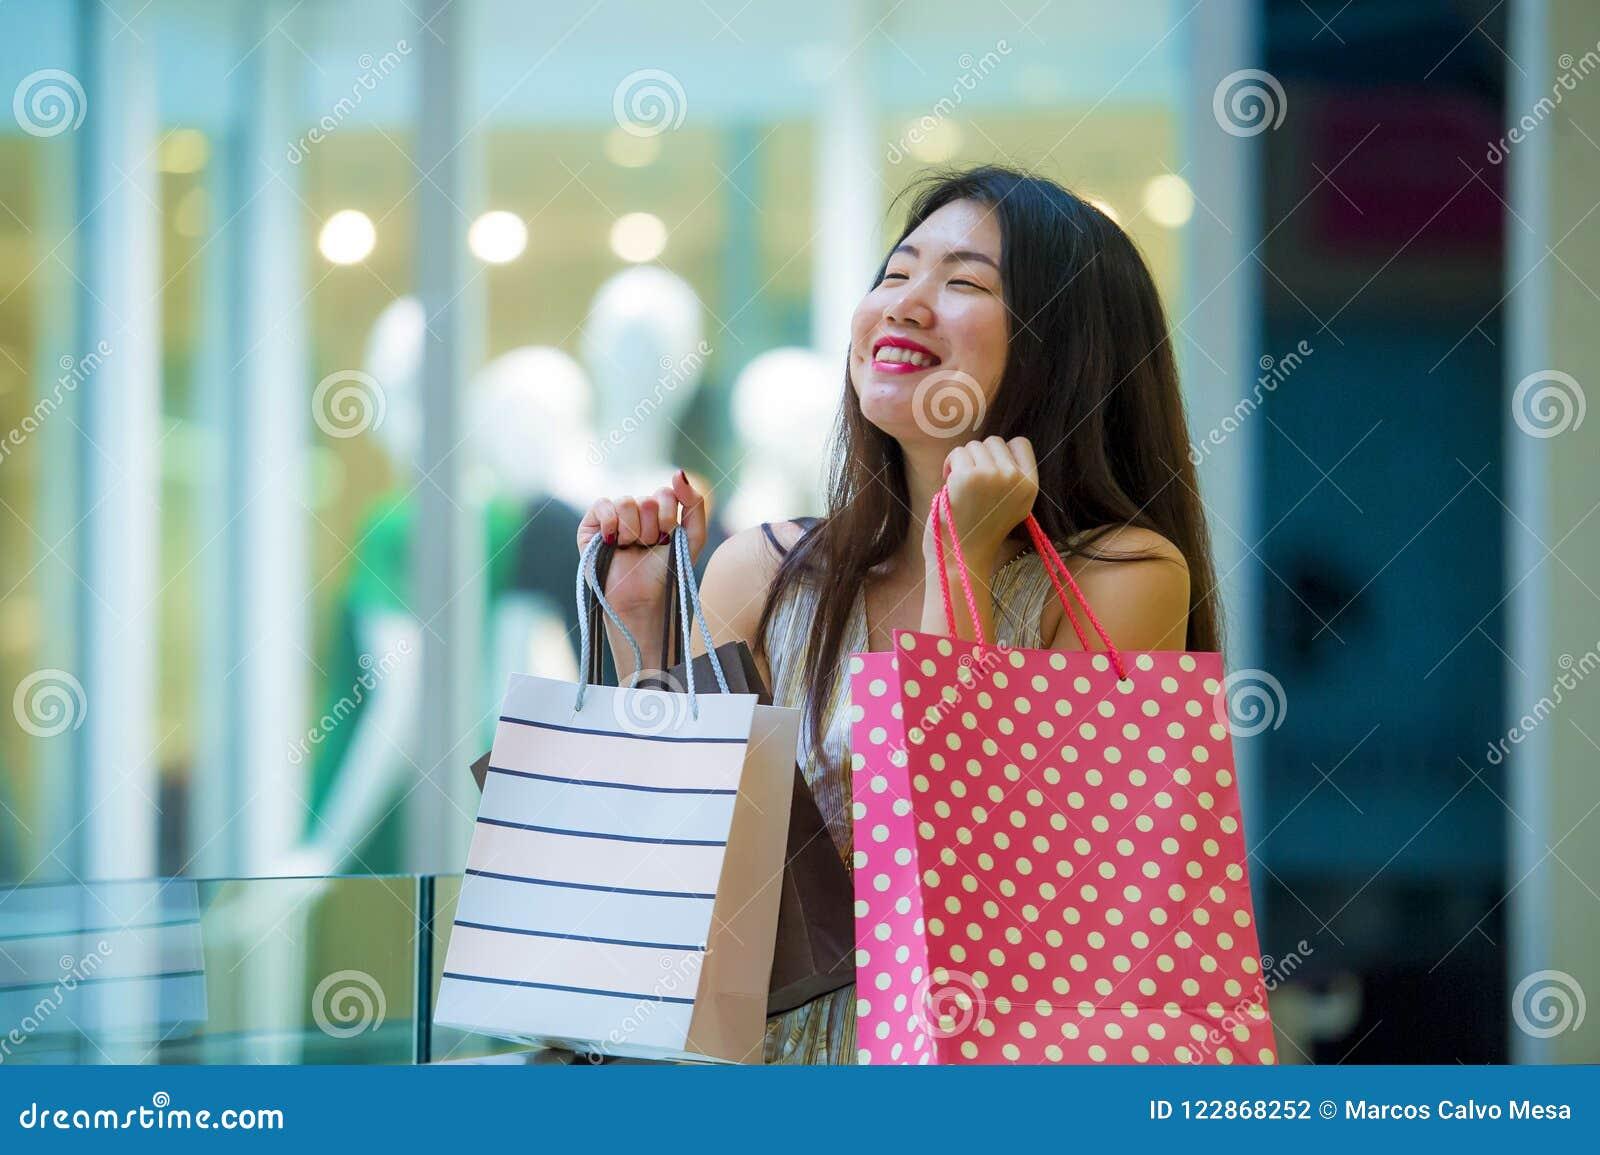 Образа жизни портрет внутри помещения молодых хозяйственных сумок нося счастливой и красивой азиатской корейской женщины в моле п